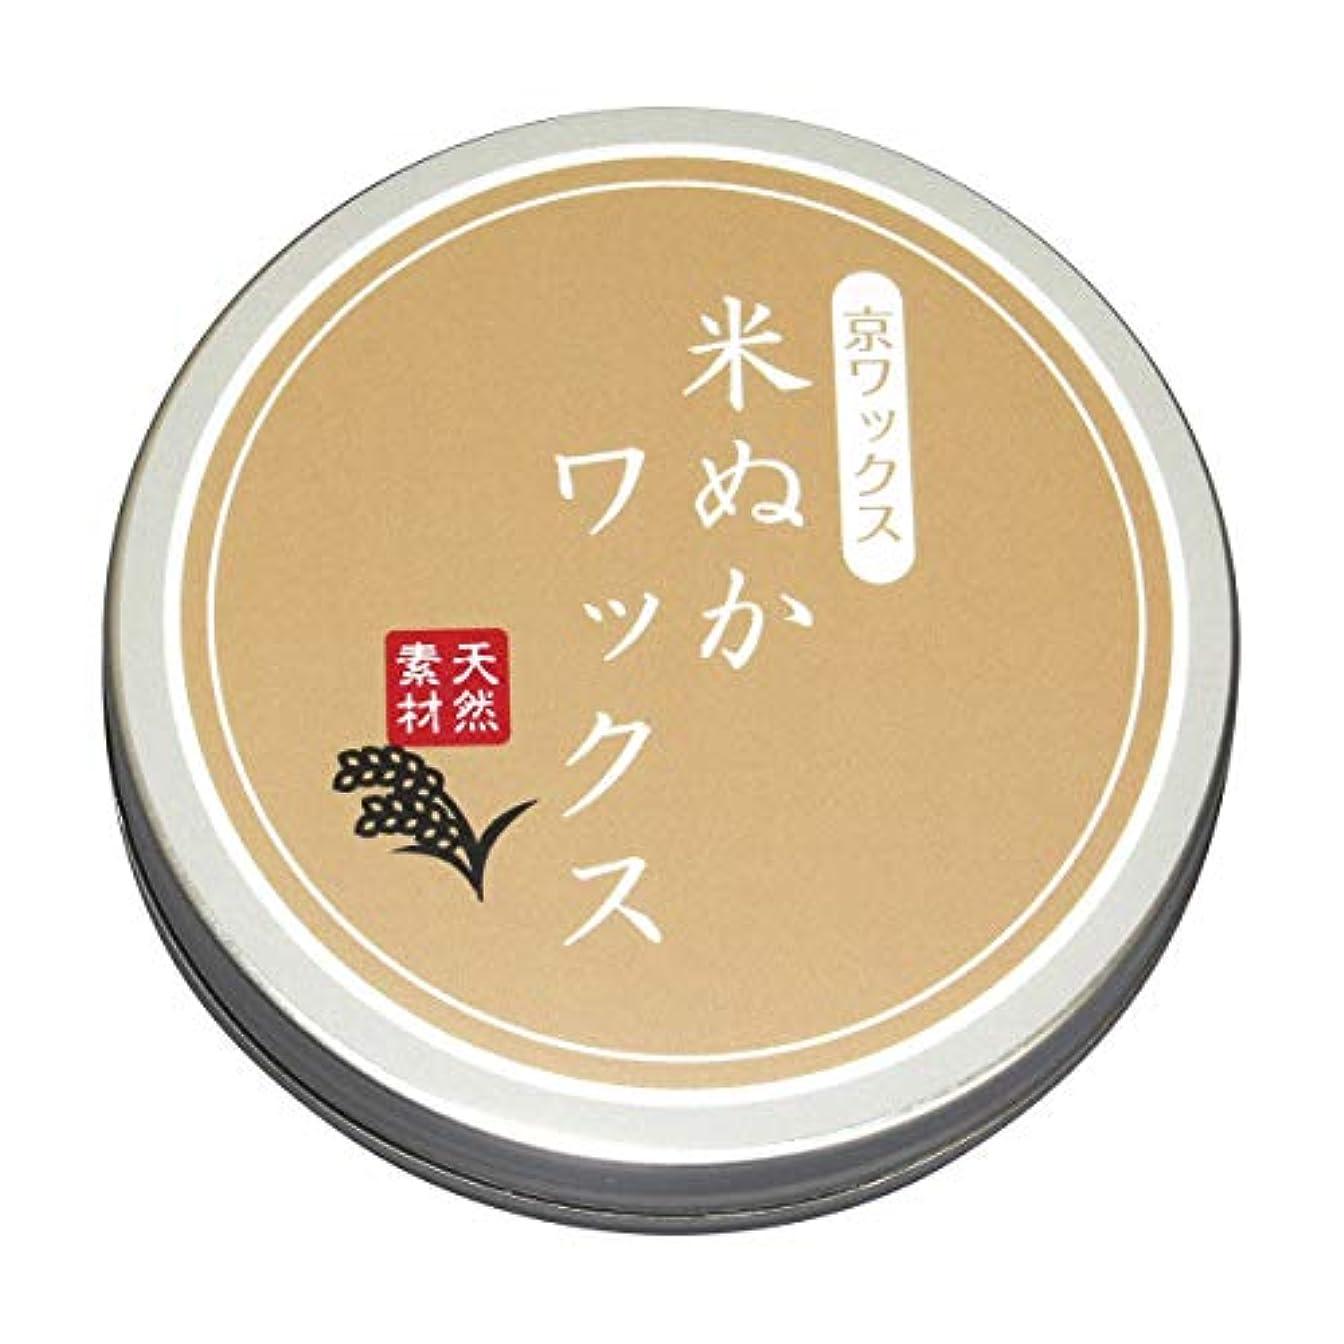 うつシプリー心臓杉材用ワックス 手作り 米ぬかワックス 50g 針葉樹の無垢材対応